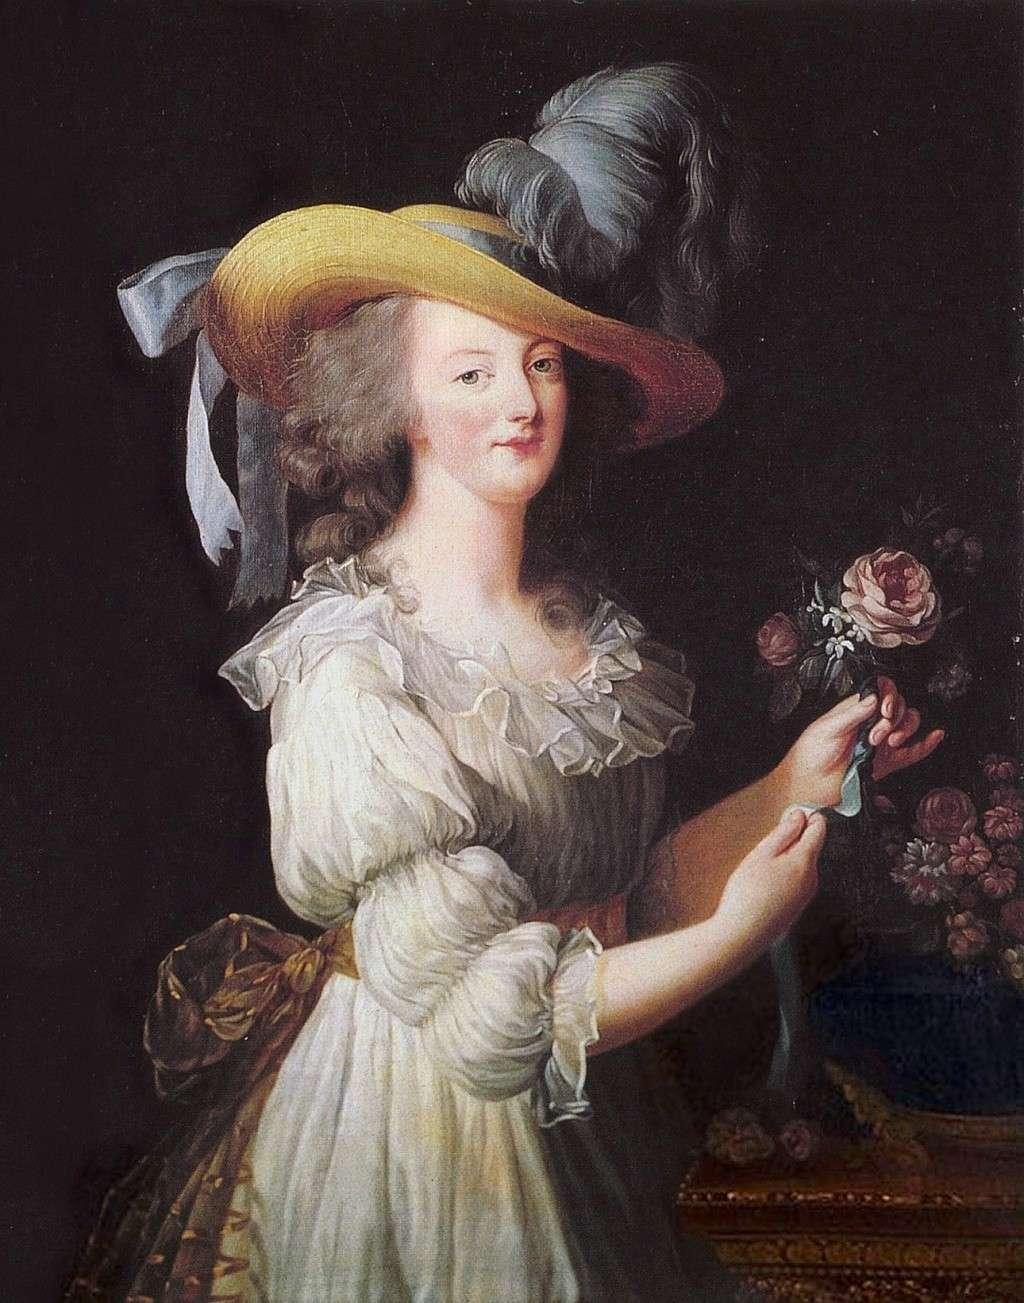 gaulle - Portraits de Marie-Antoinette vêtue d'une robe en chemise, dite en gaulle, par Elisabeth Vigée Le Brun (1783) 6a00d810